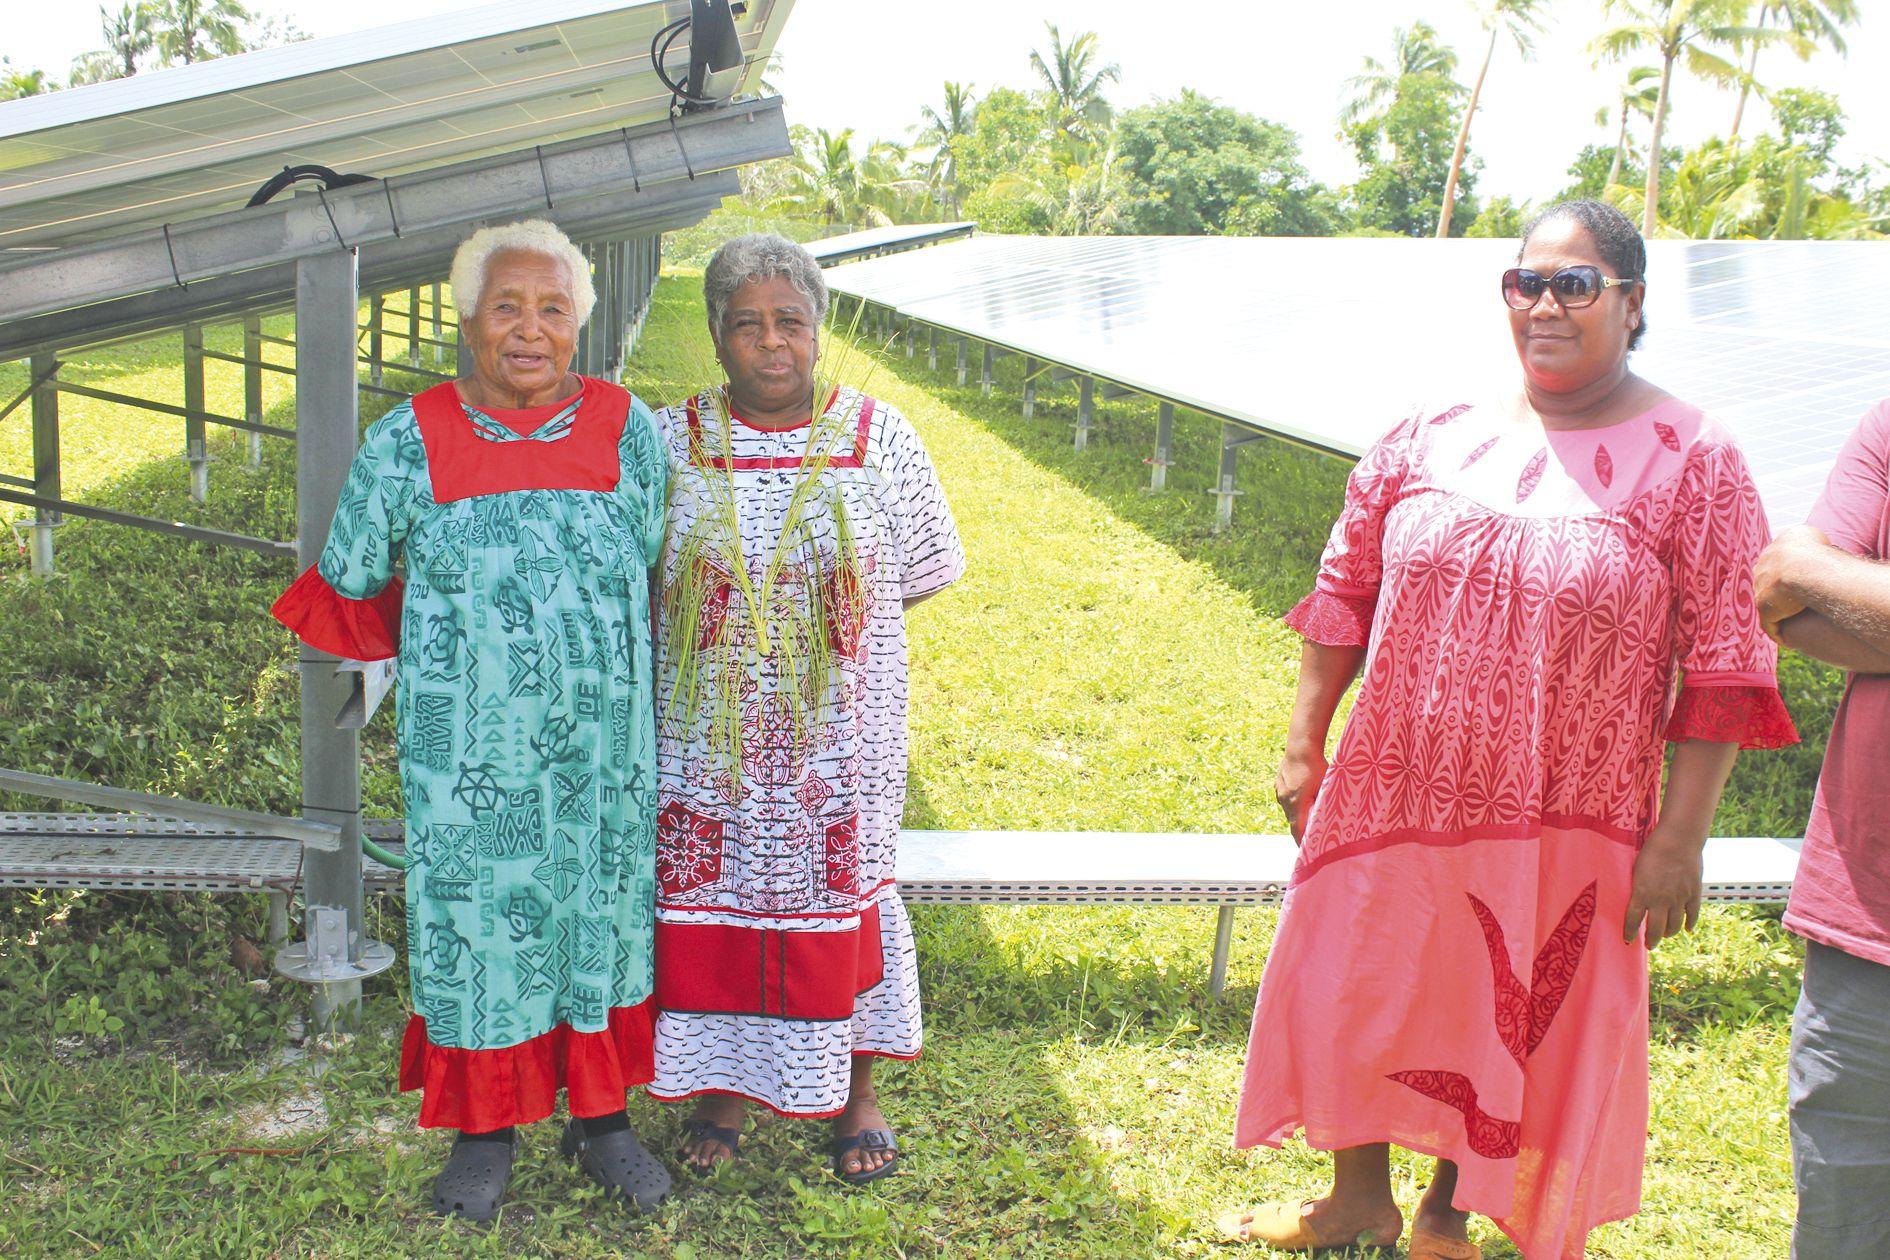 Les voisines posent fièrement dans la ferme photovoltaïque.